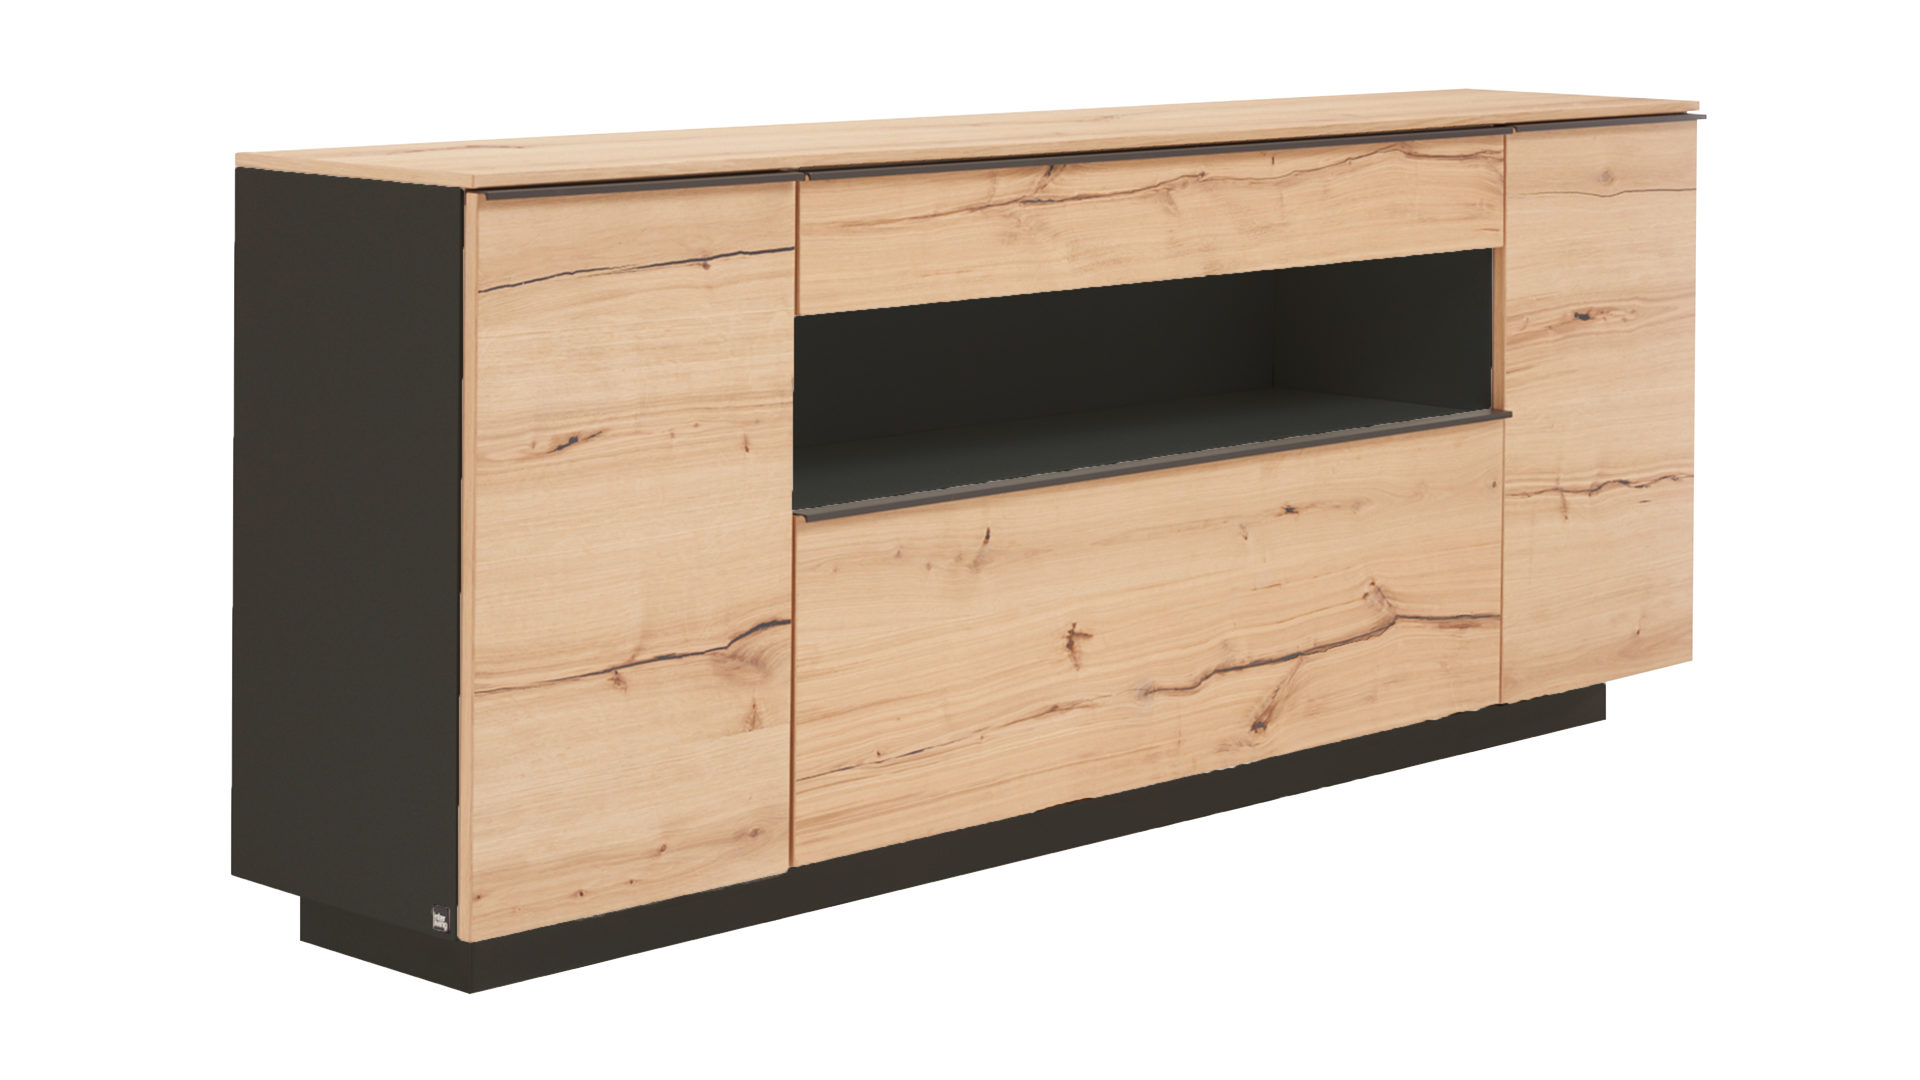 Interliving Wohnzimmer Serie 2103 – Sideboard, schieferschwarzer Lack &,